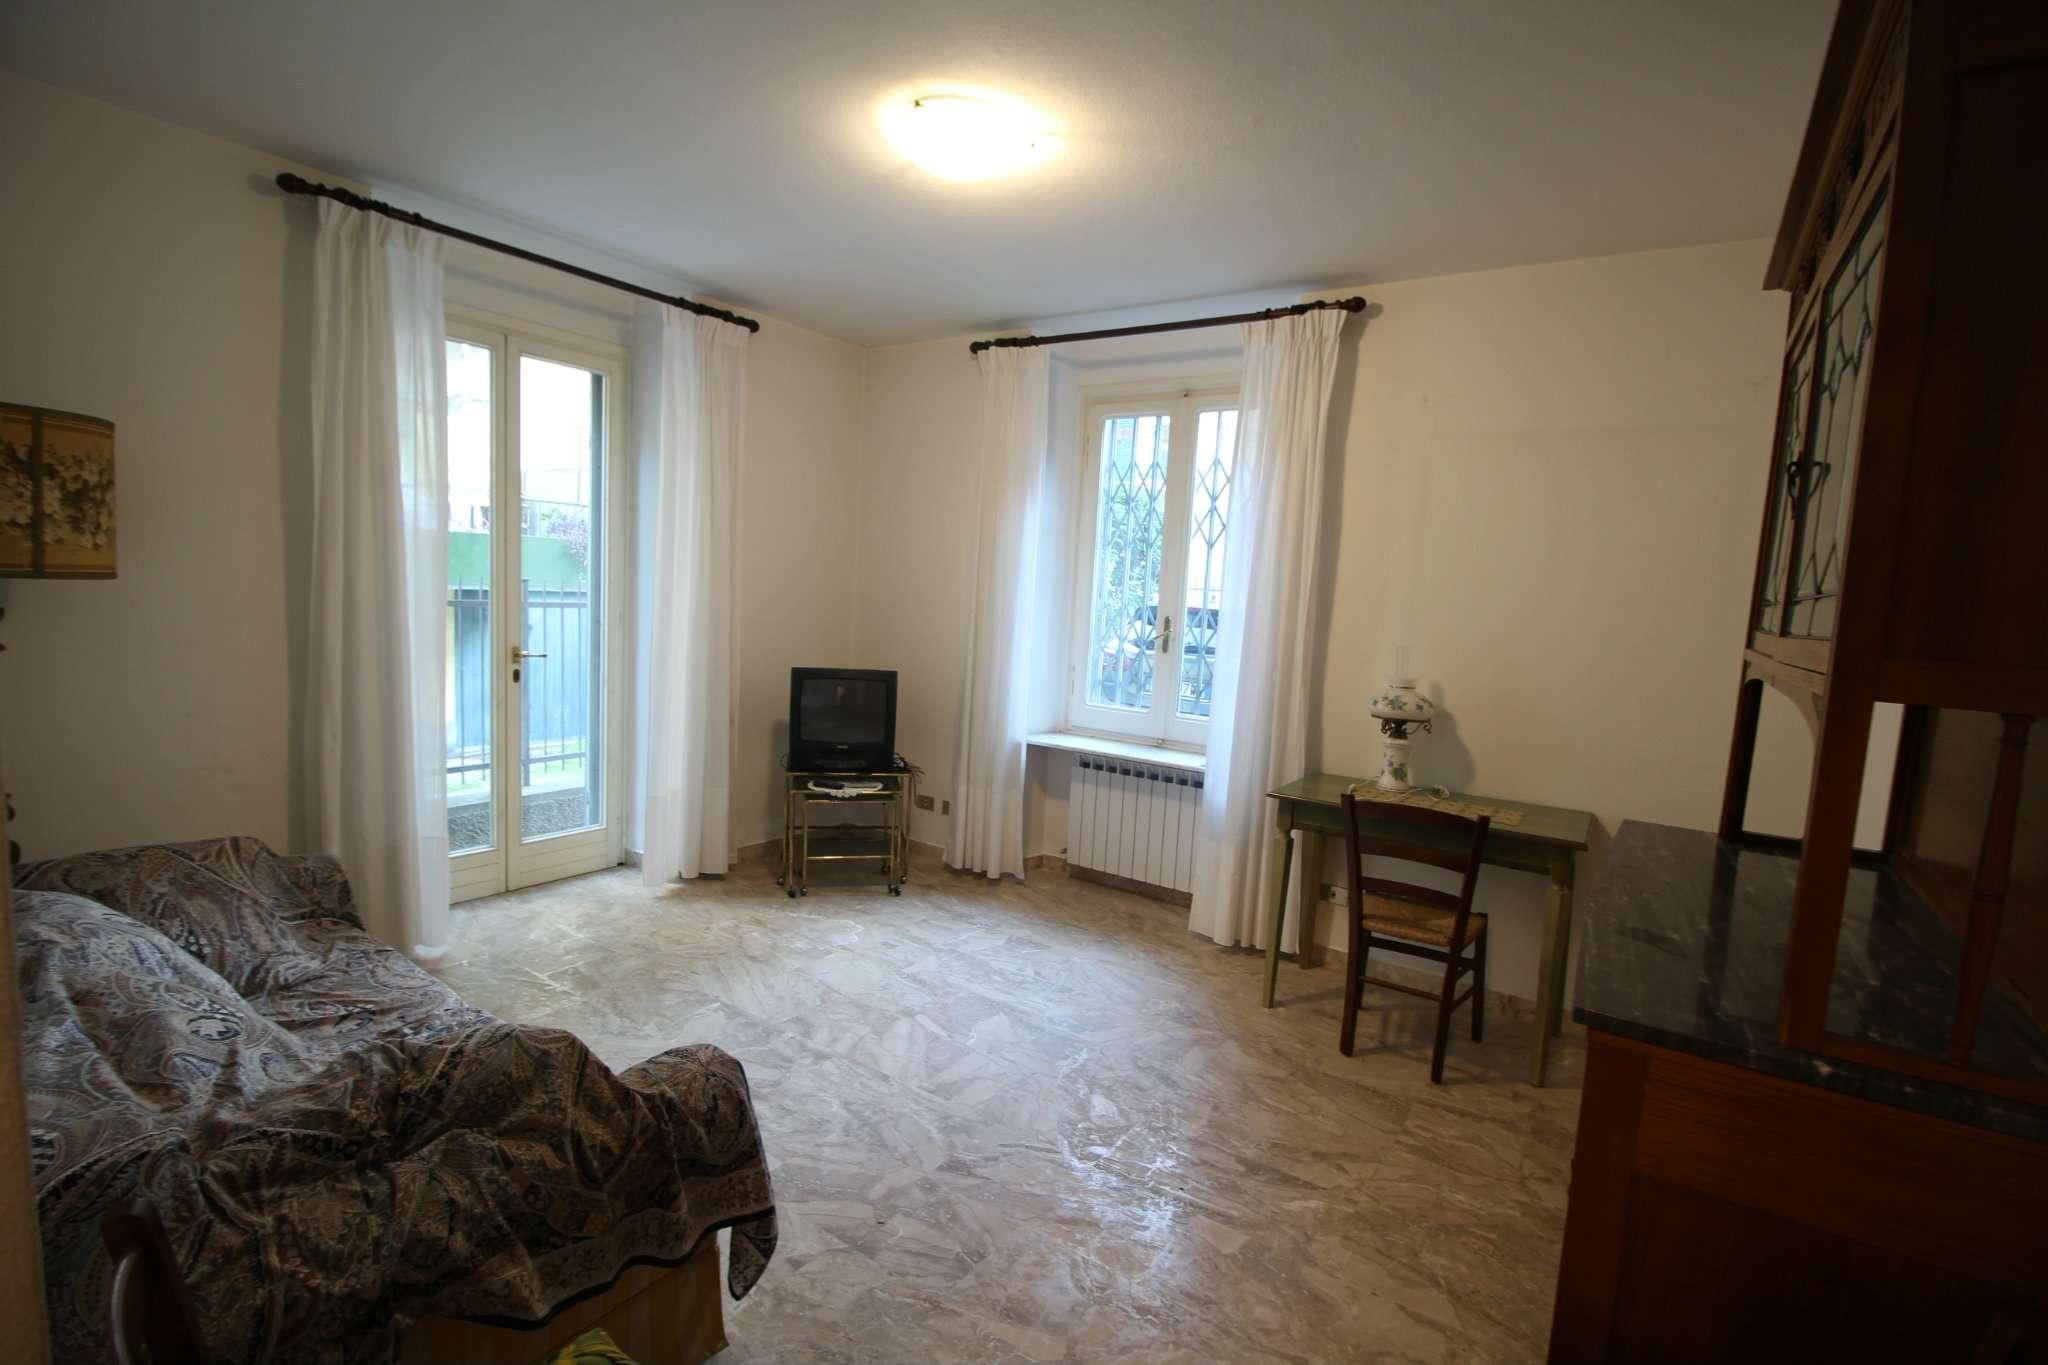 Appartamento in vendita a Chiavari, 3 locali, prezzo € 197.000 | PortaleAgenzieImmobiliari.it